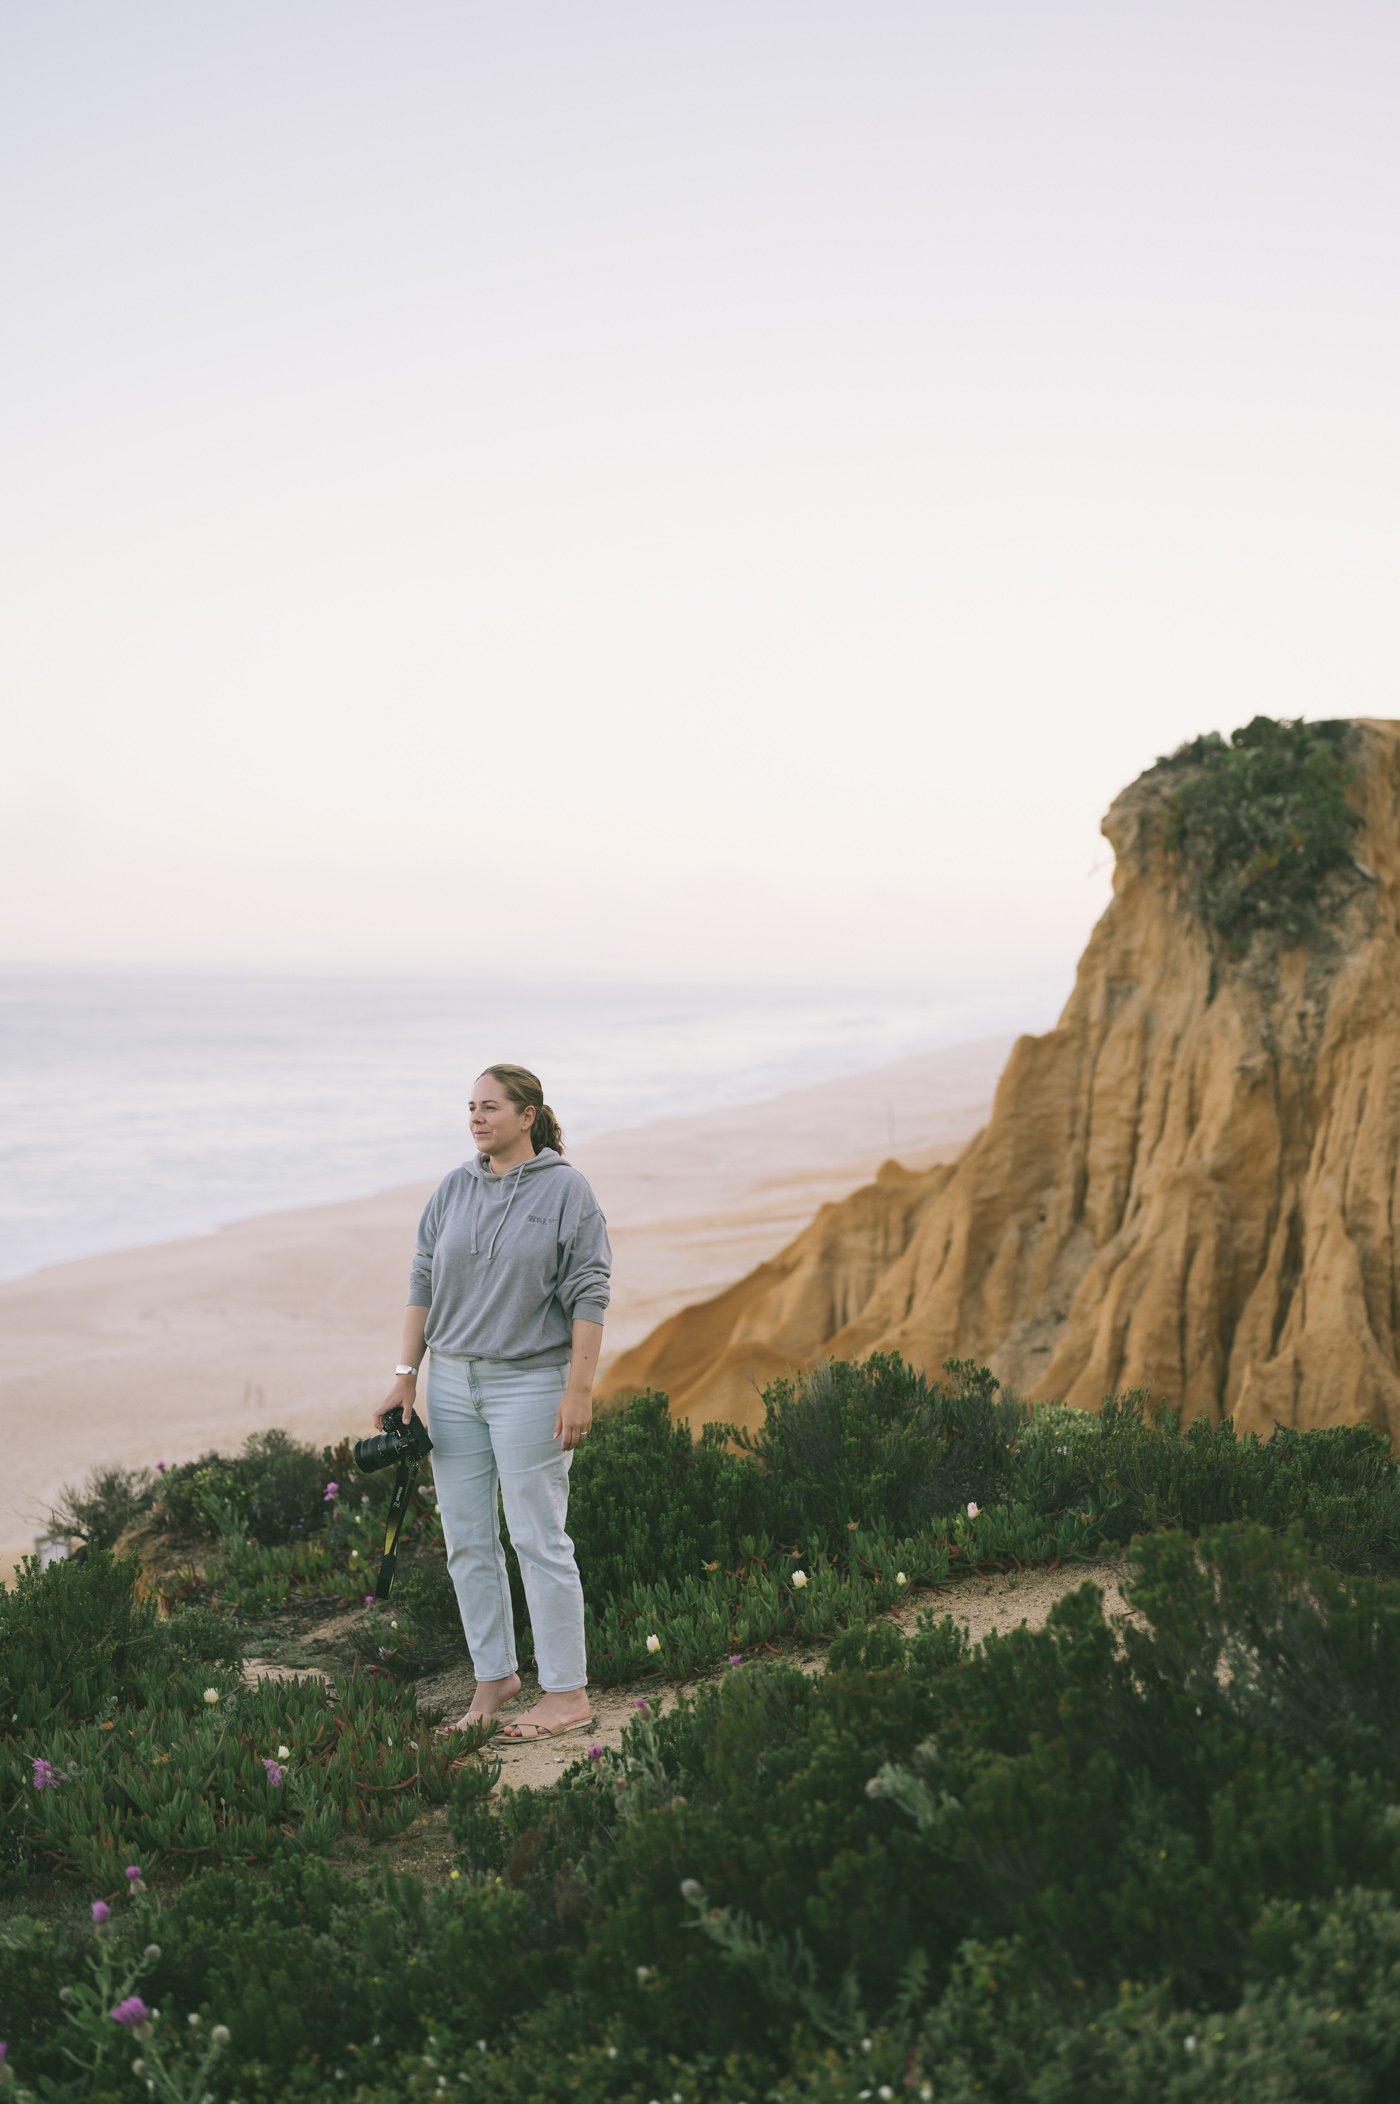 Praia da Galé - Fontainhas - is located South of Comporta along the Atlantic coast of Portugal's Alentejo region.